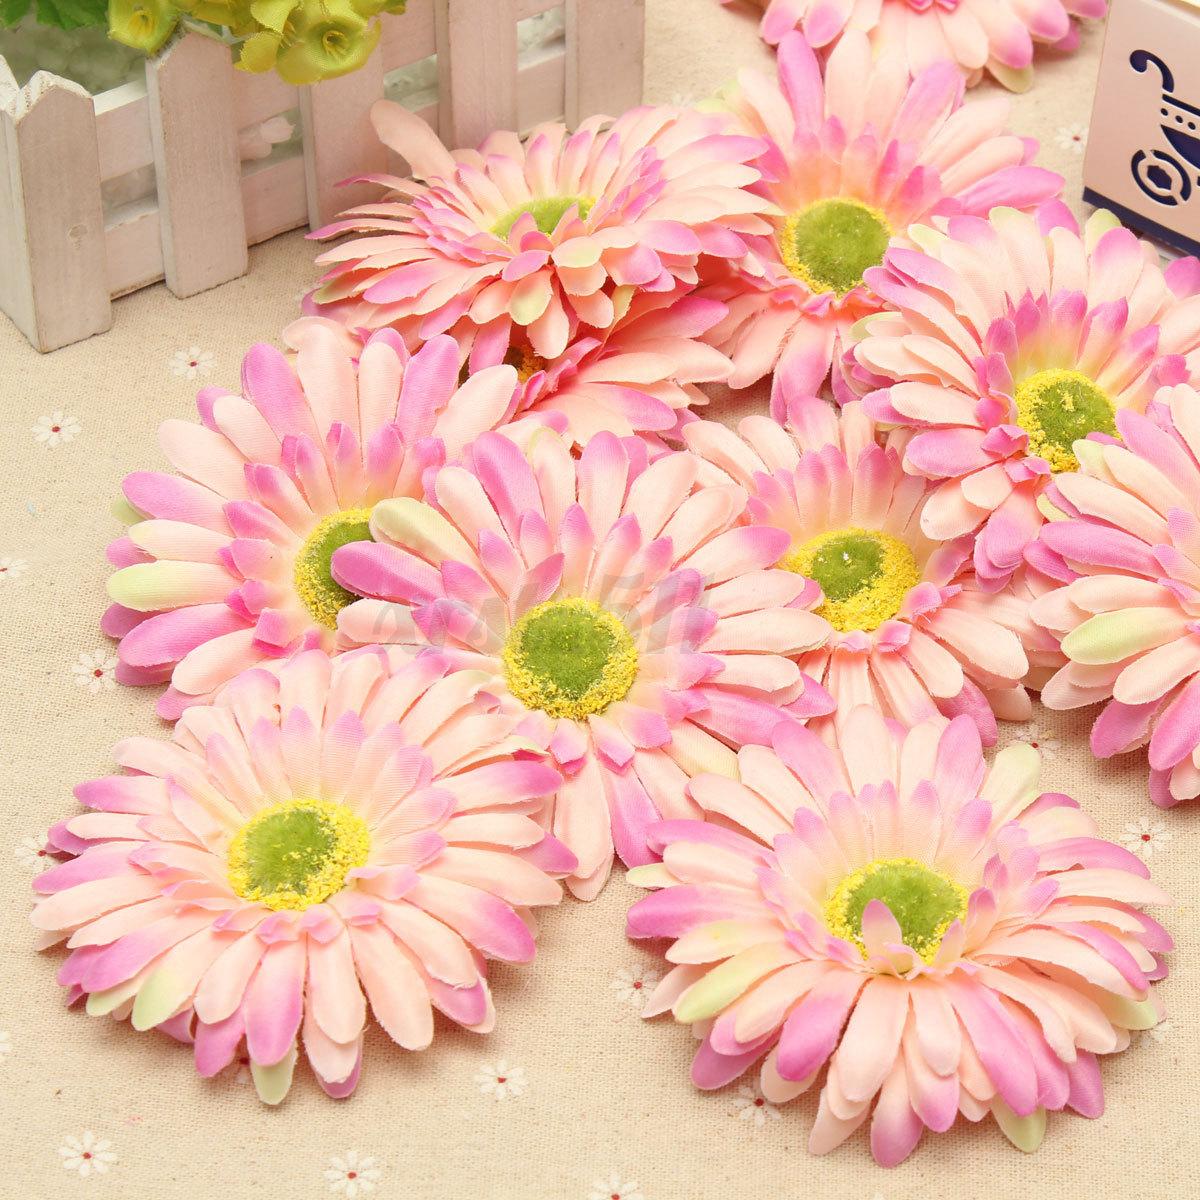 12x Artificial Silk Gerbera Daisy Heads Flower Wedding Party ...